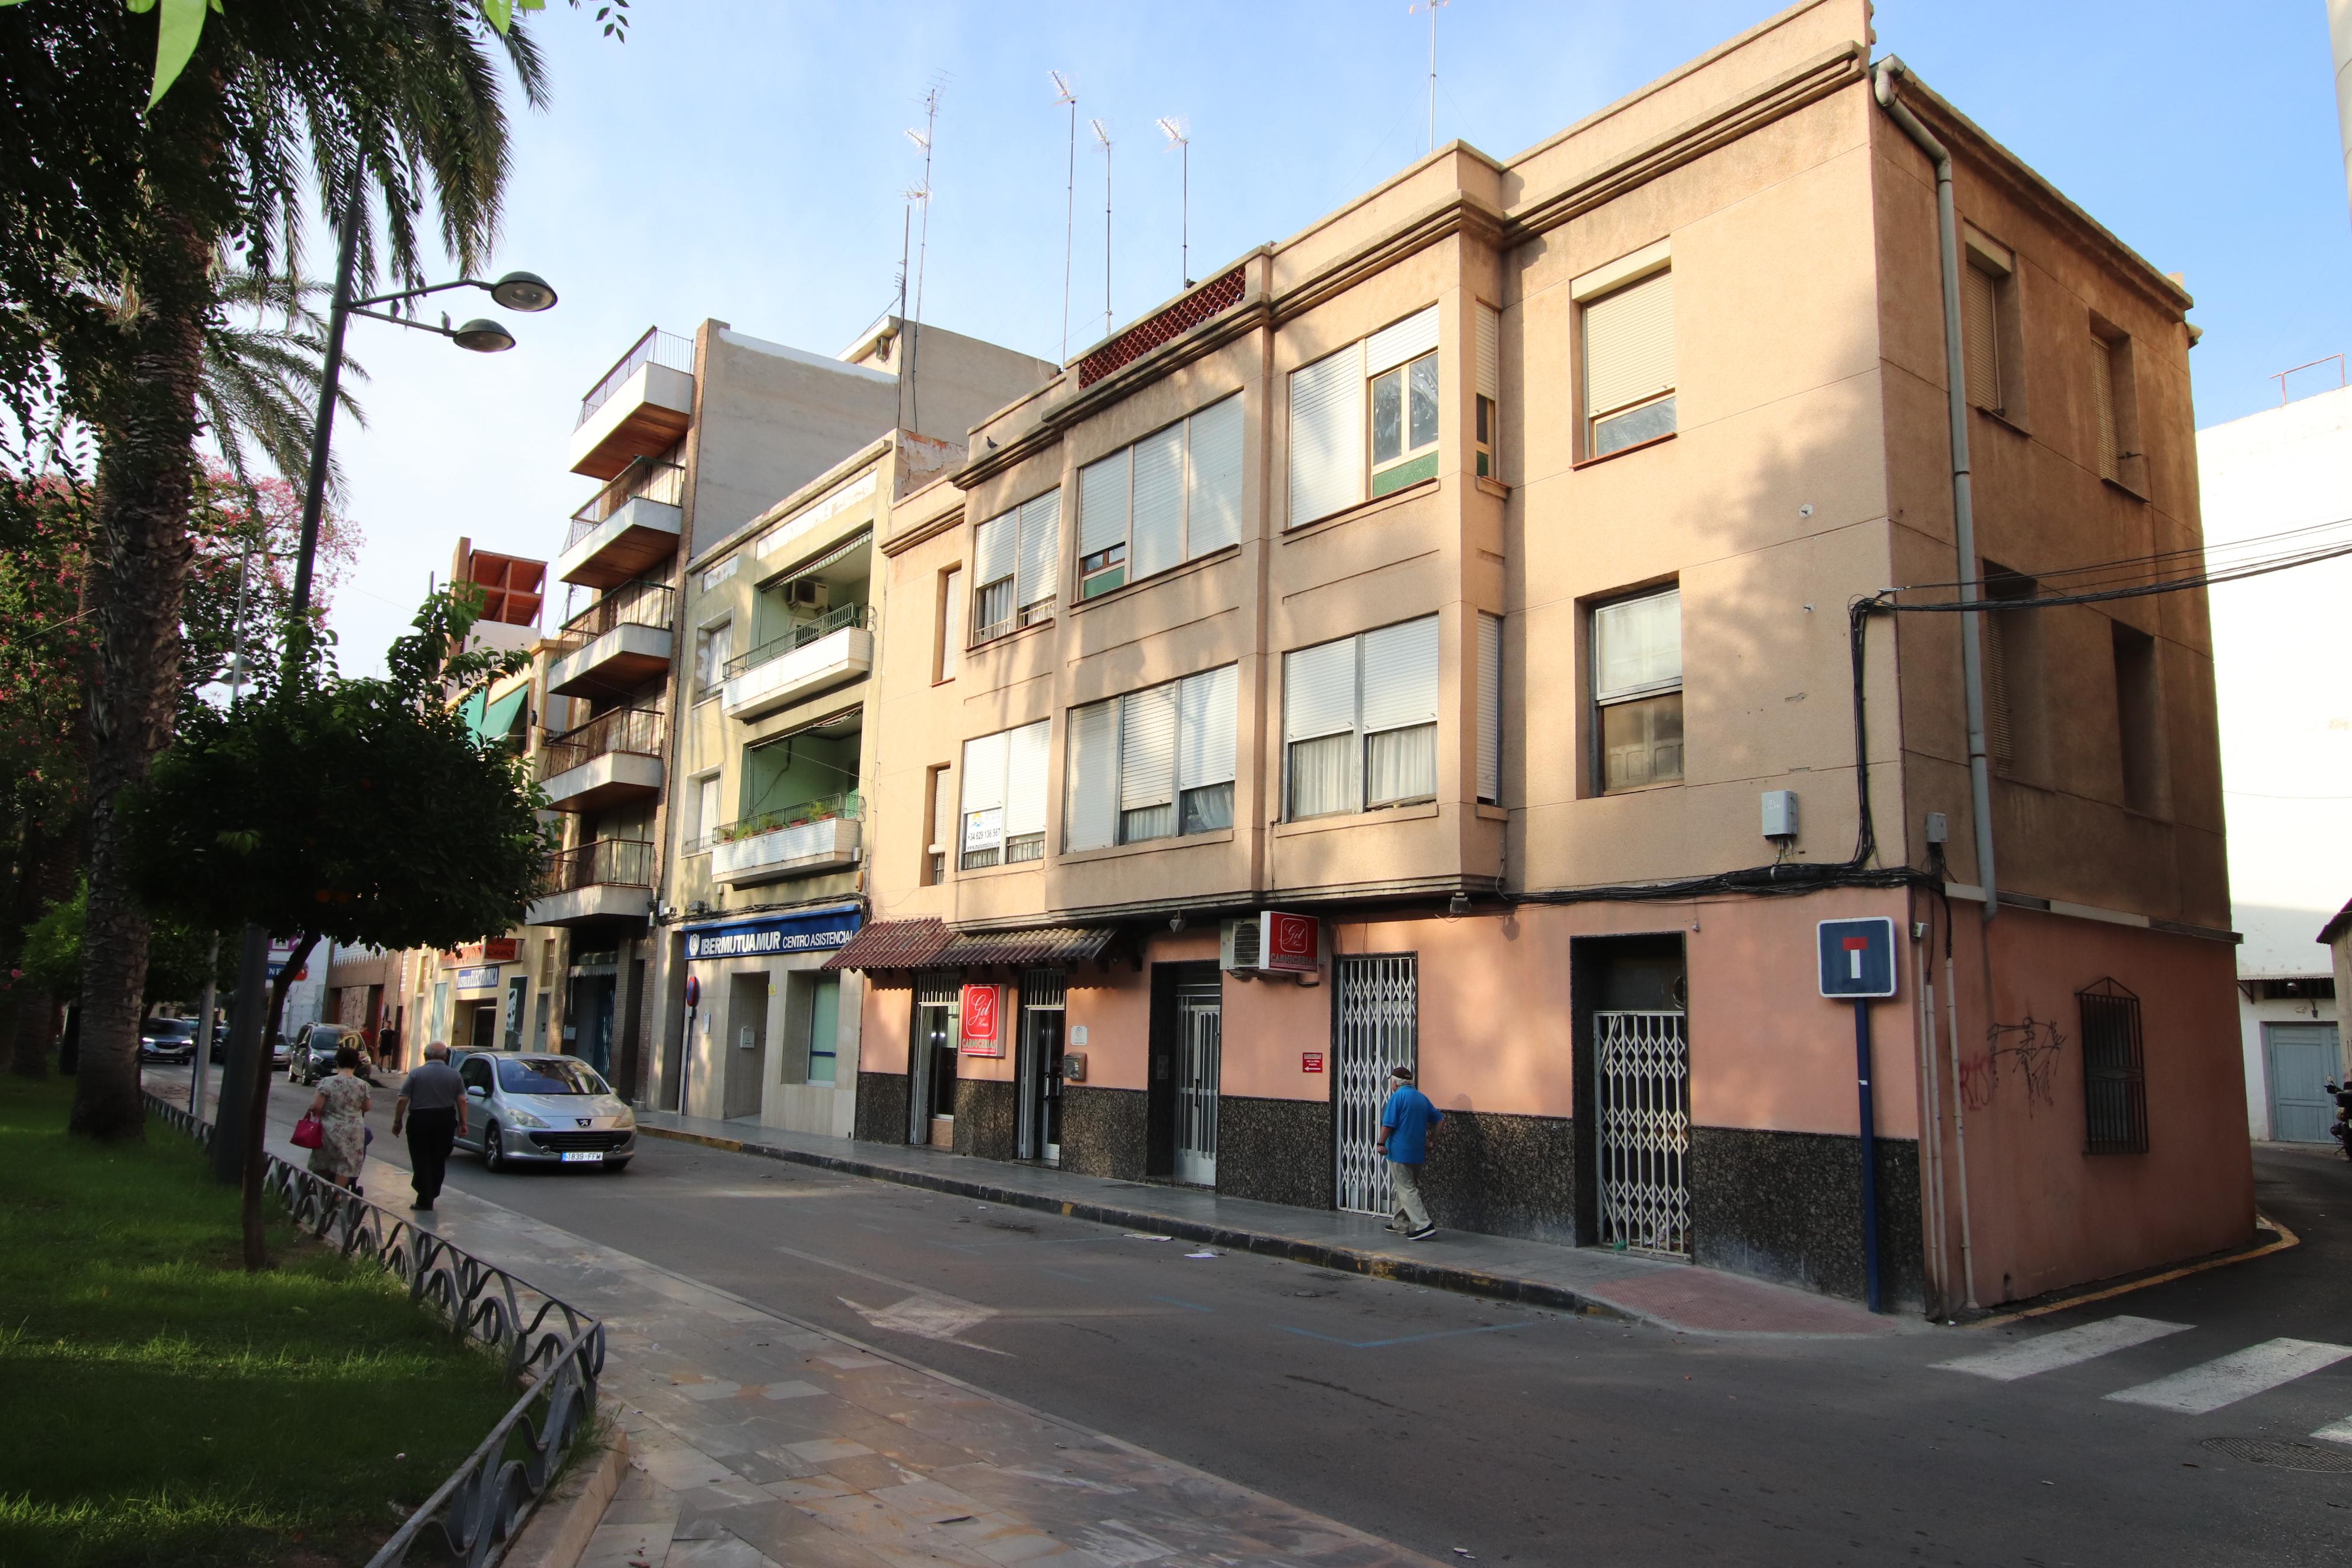 Edificio completo en pleno centro de Orihuela con posibilidad de construcción de 5 plantas mas atico